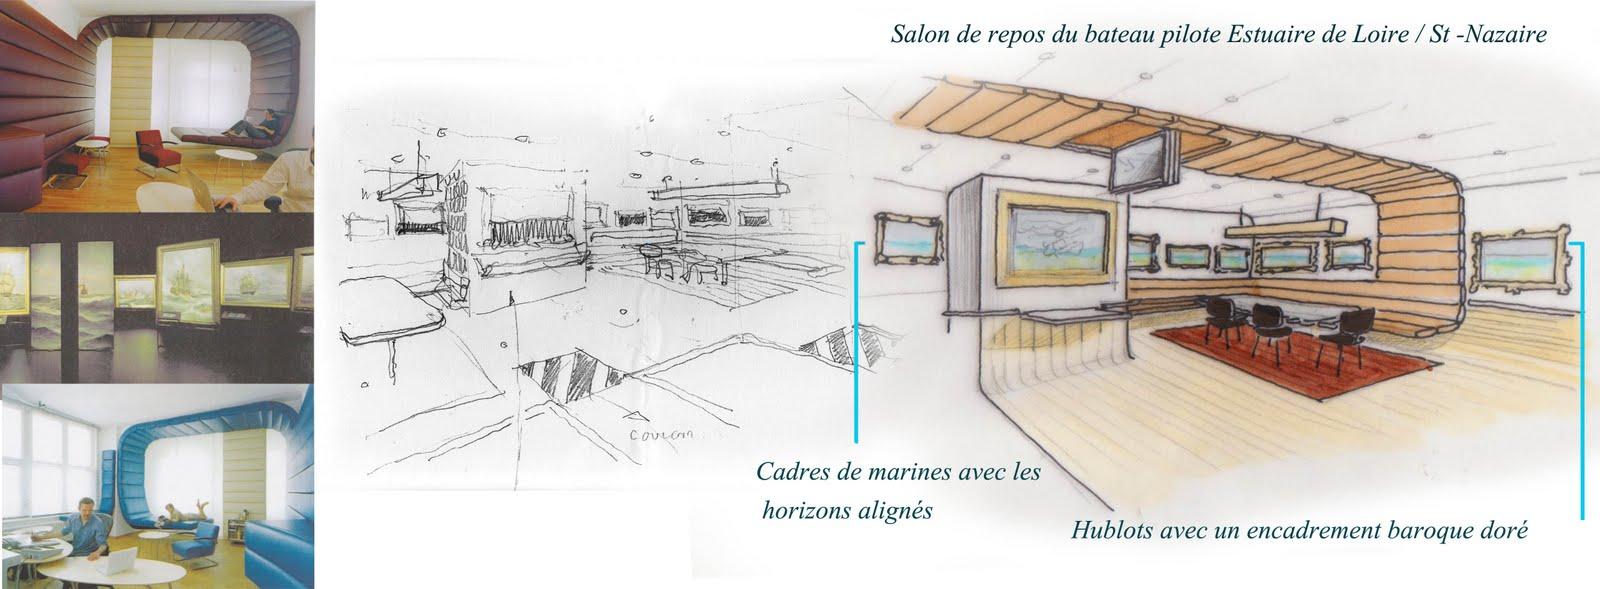 Atelier les r gles de l 39 art for Amenagement salle de repos entreprise